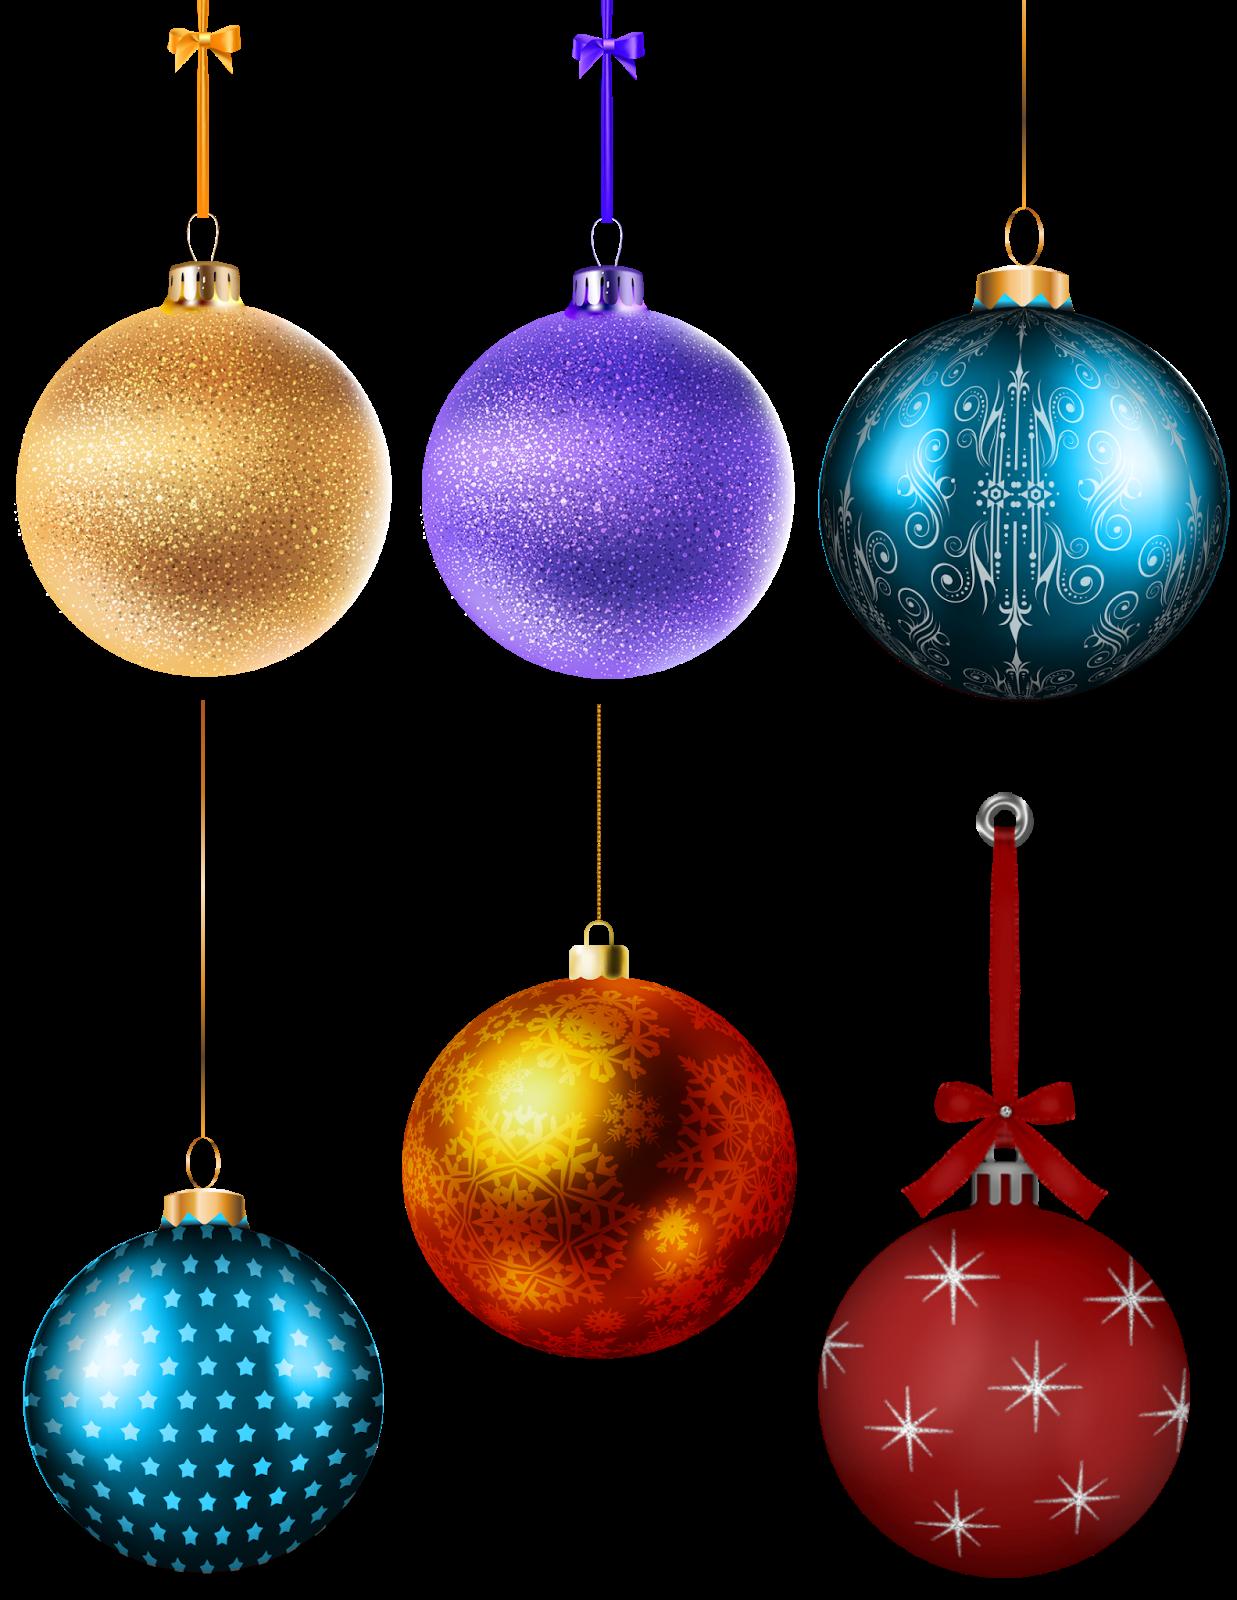 Cosas en PNG: Esferas navideñas.